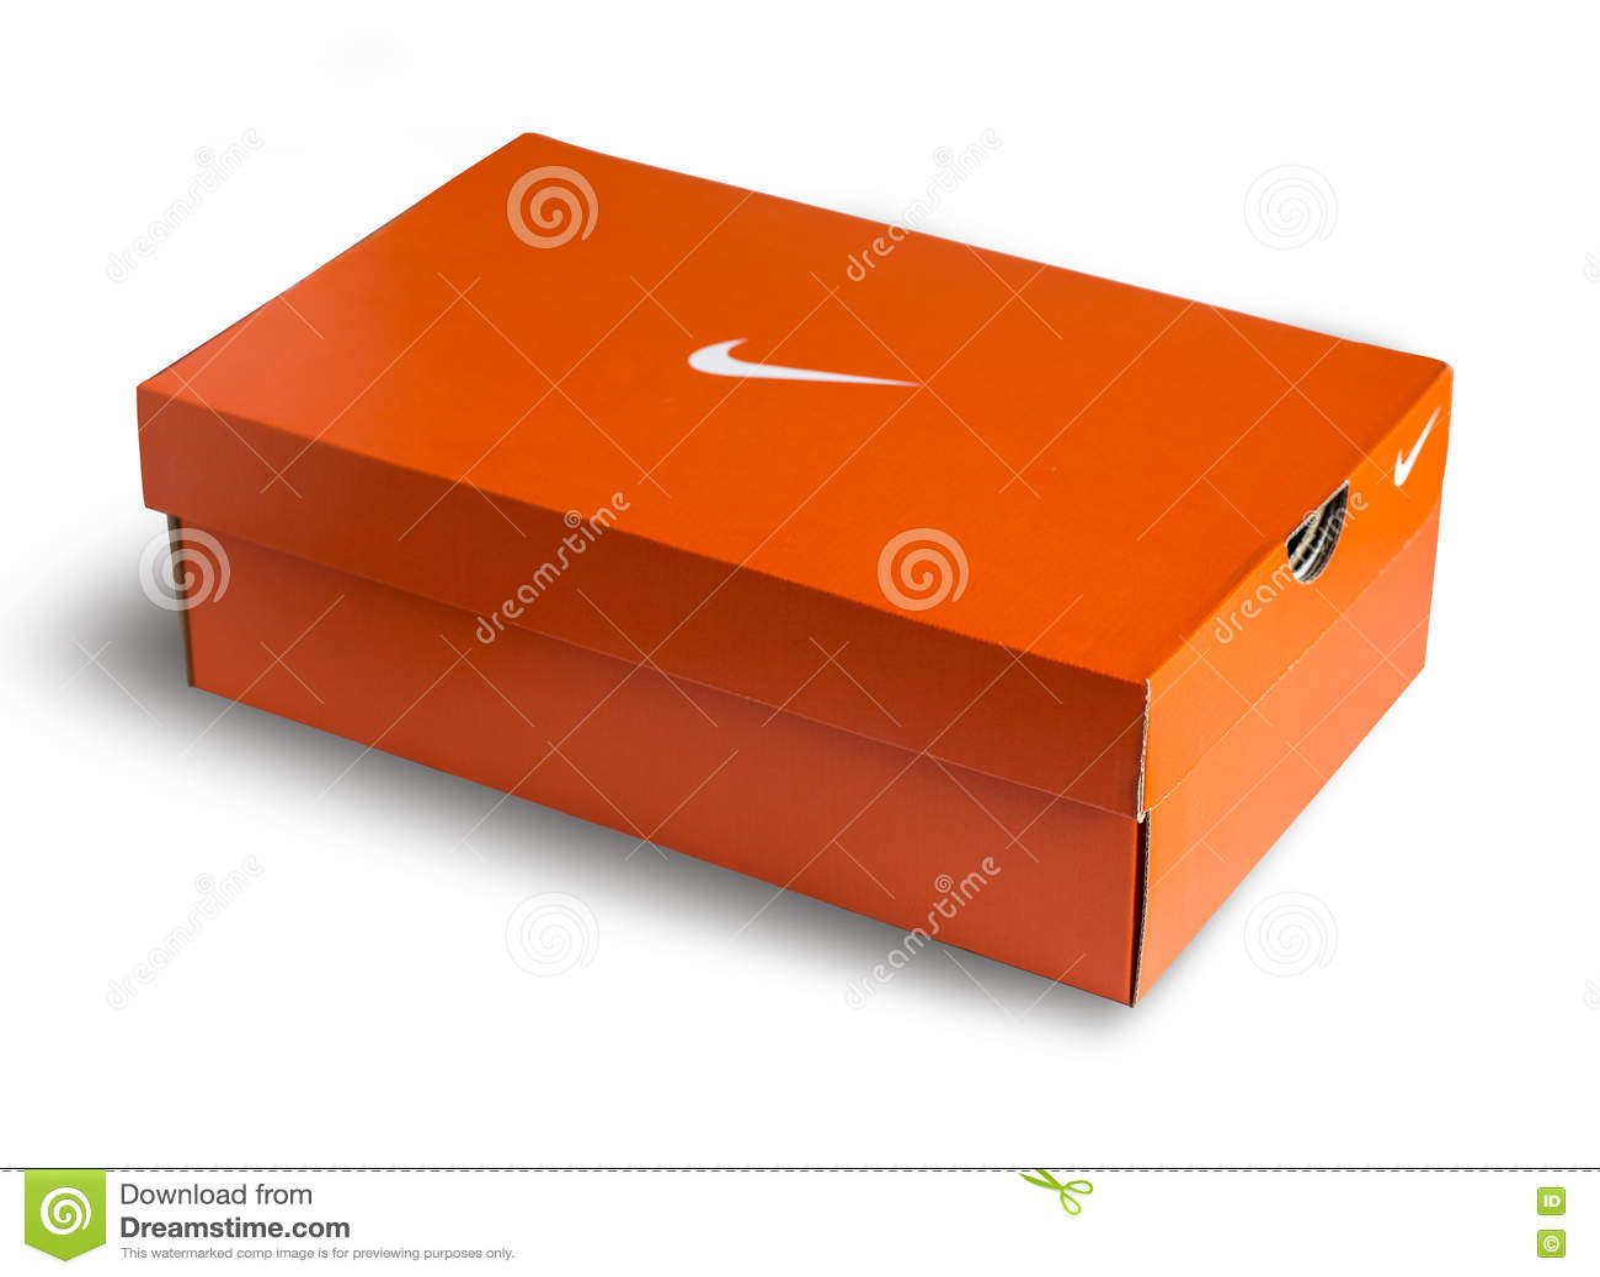 Connu Boîte De Chaussures Rouge De Nike Photo éditorial - Image: 72270811 MN28